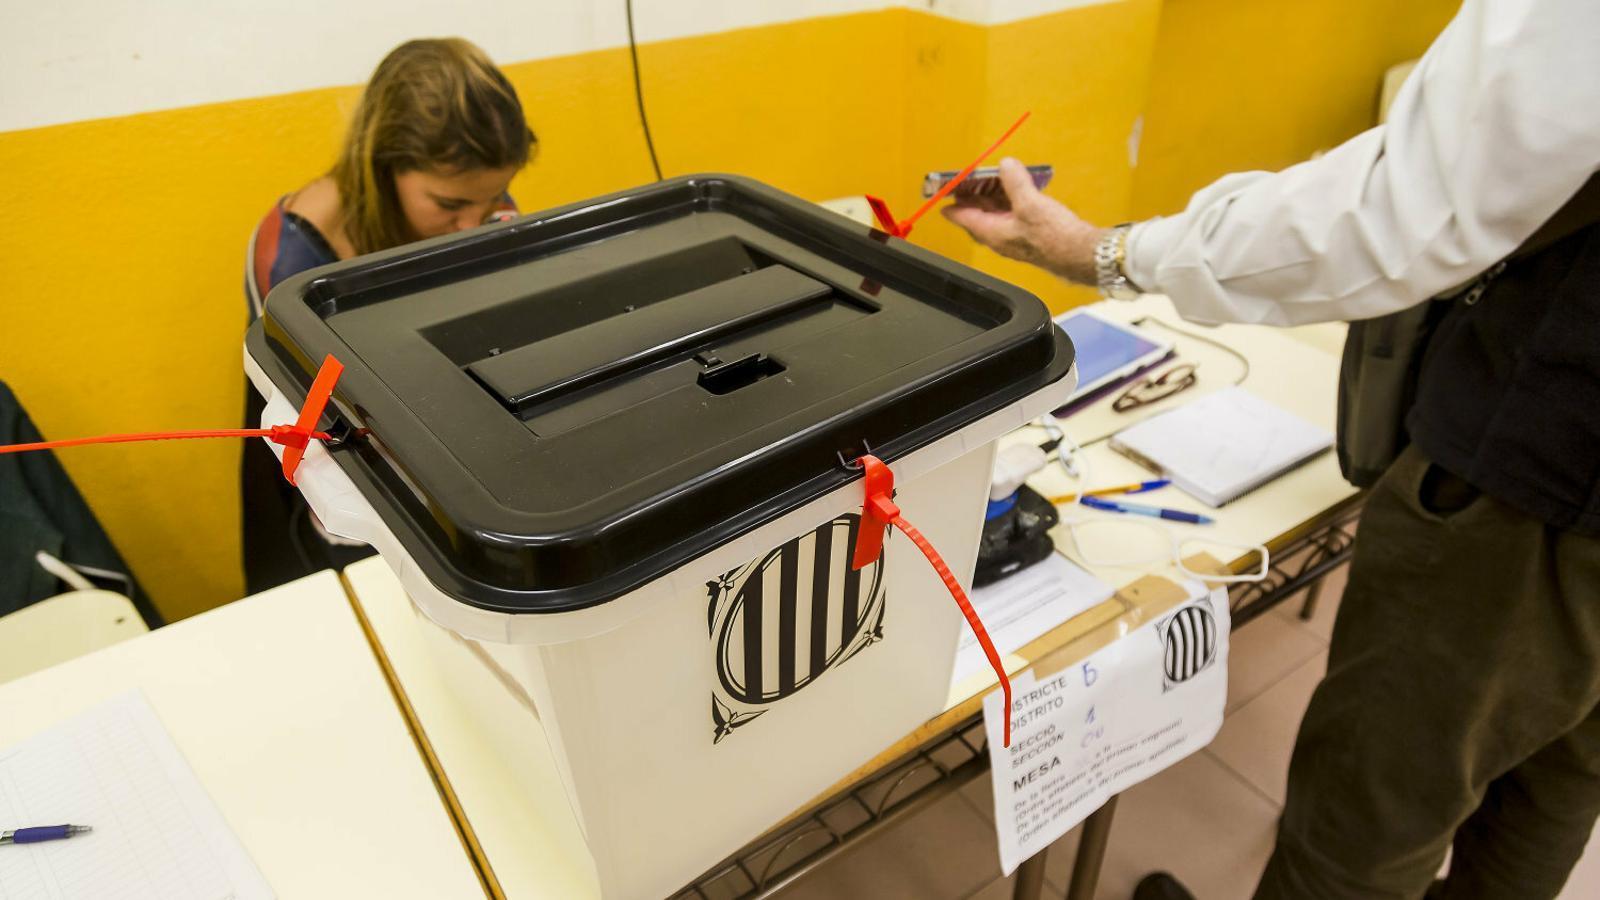 Els processats per l'1-O al jutjat 13 completen la fiança de 5,8 milions d'euros